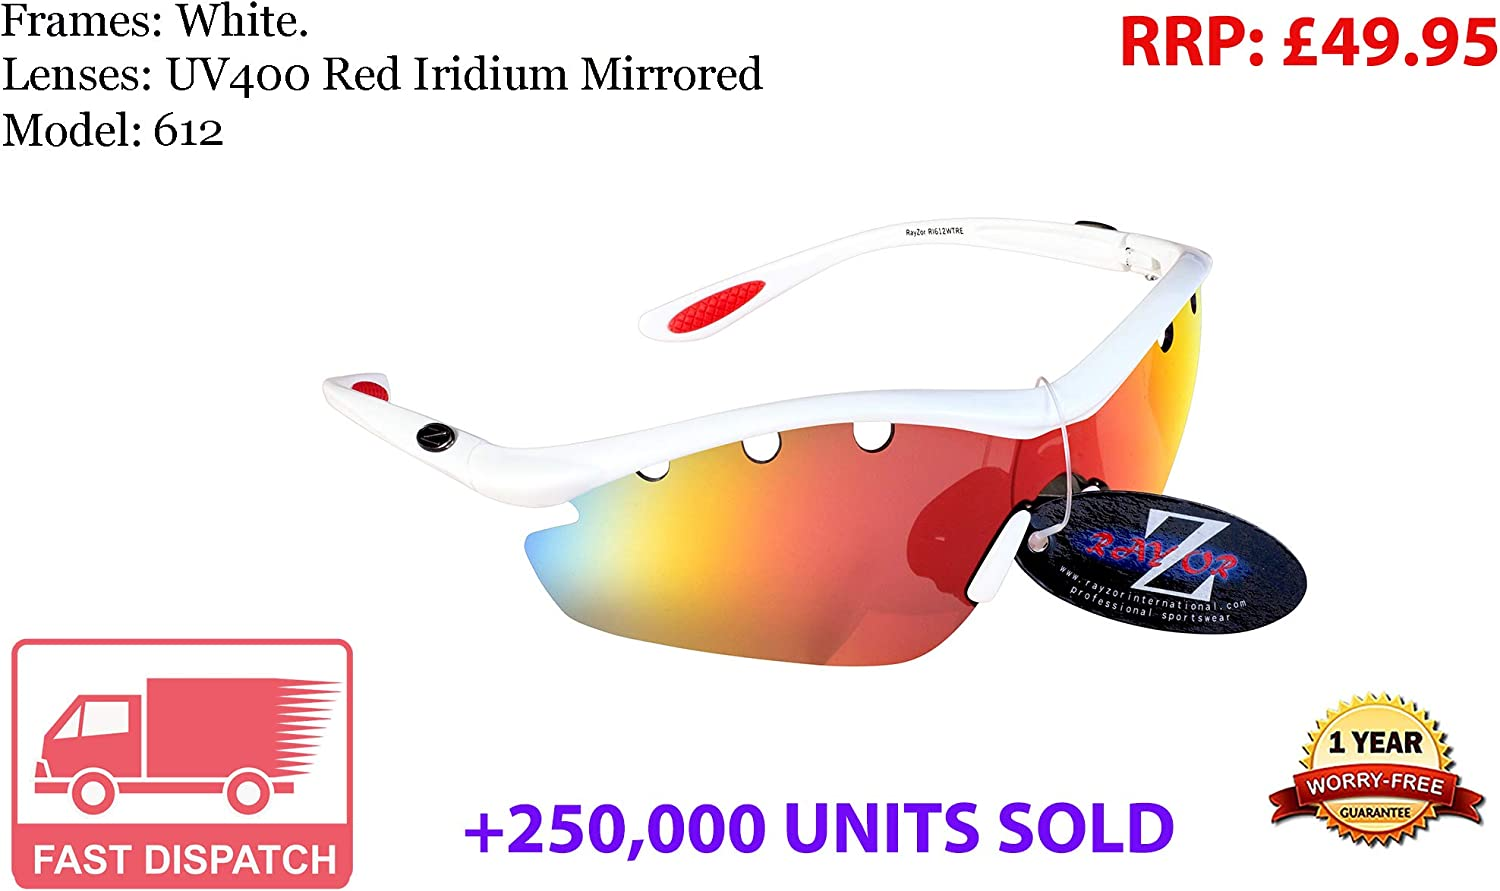 Rayzor - Gafas de sol para deportes, protección UV400, antirreflejos, lente ahumada con ventilación, color azul, White (612)